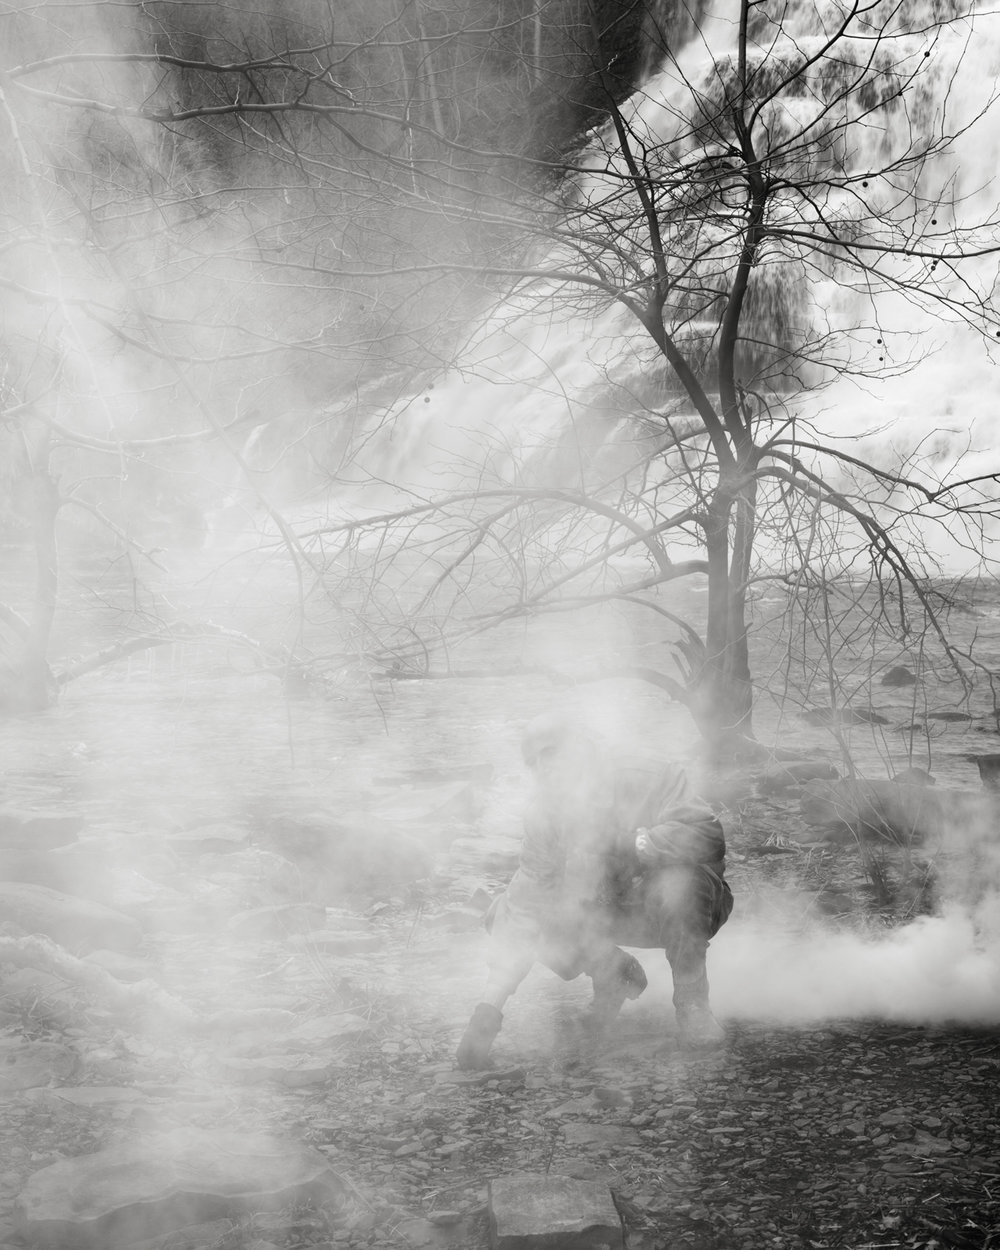 © Antone Dolezal